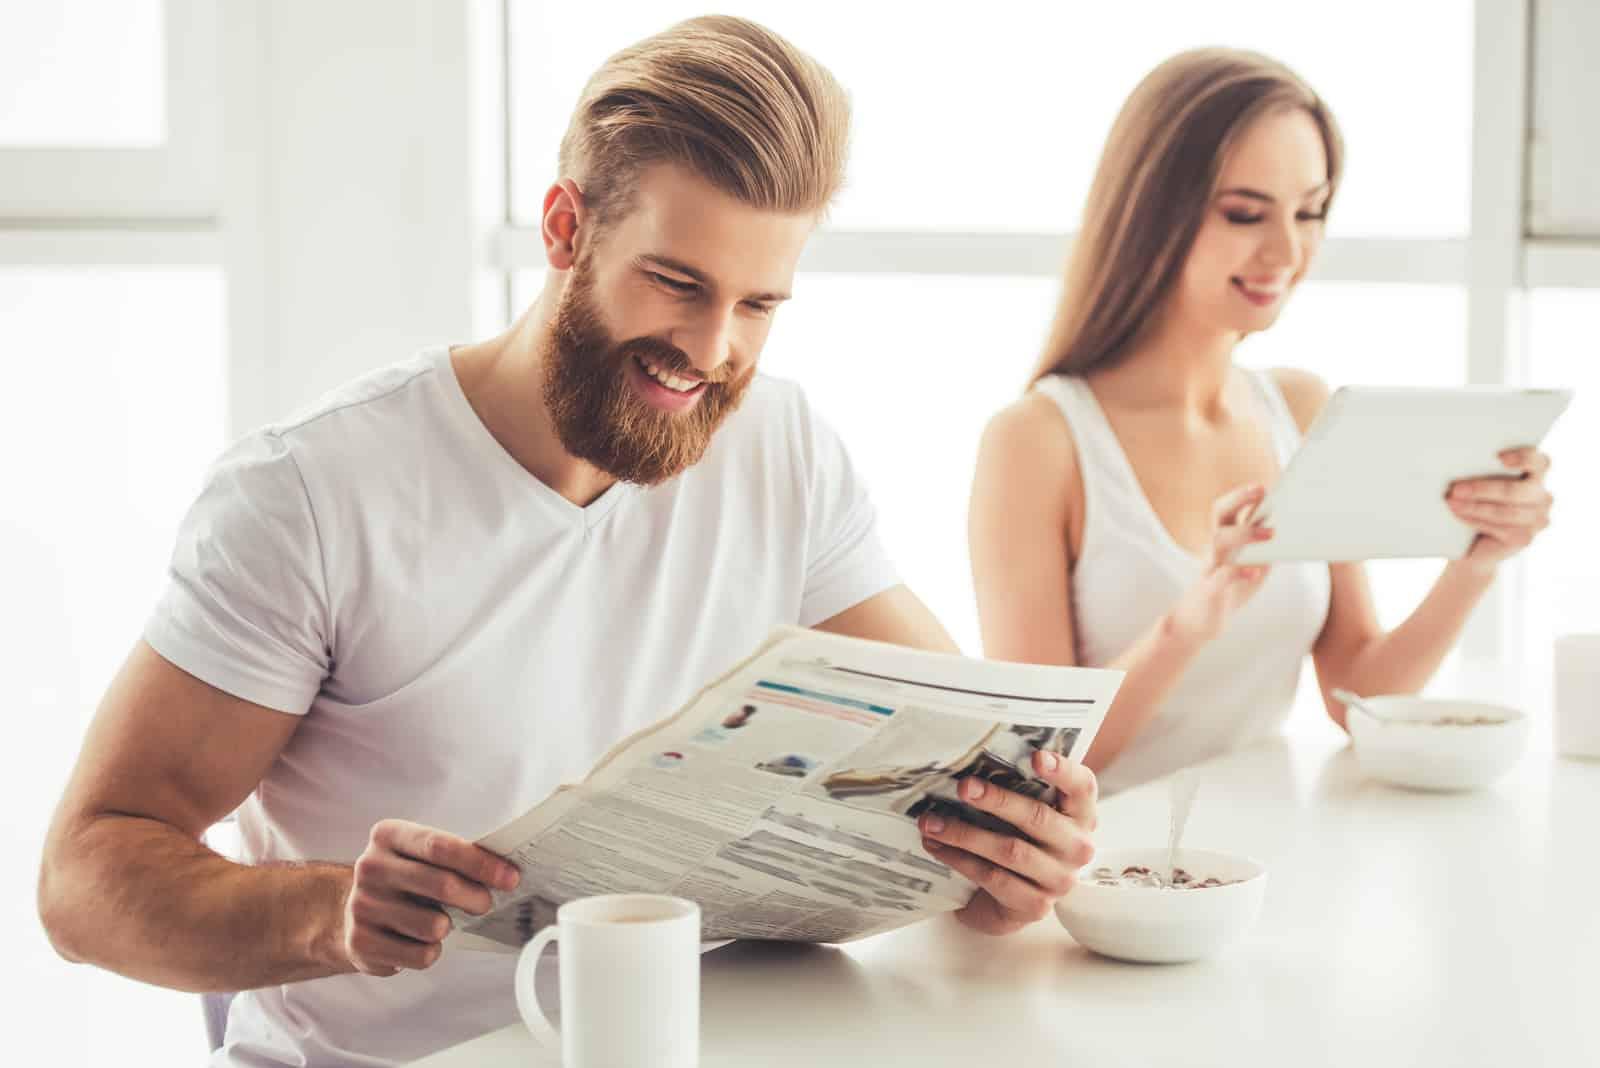 Mädchen benutzt ein digitales Tablet, Mann liest eine Zeitung